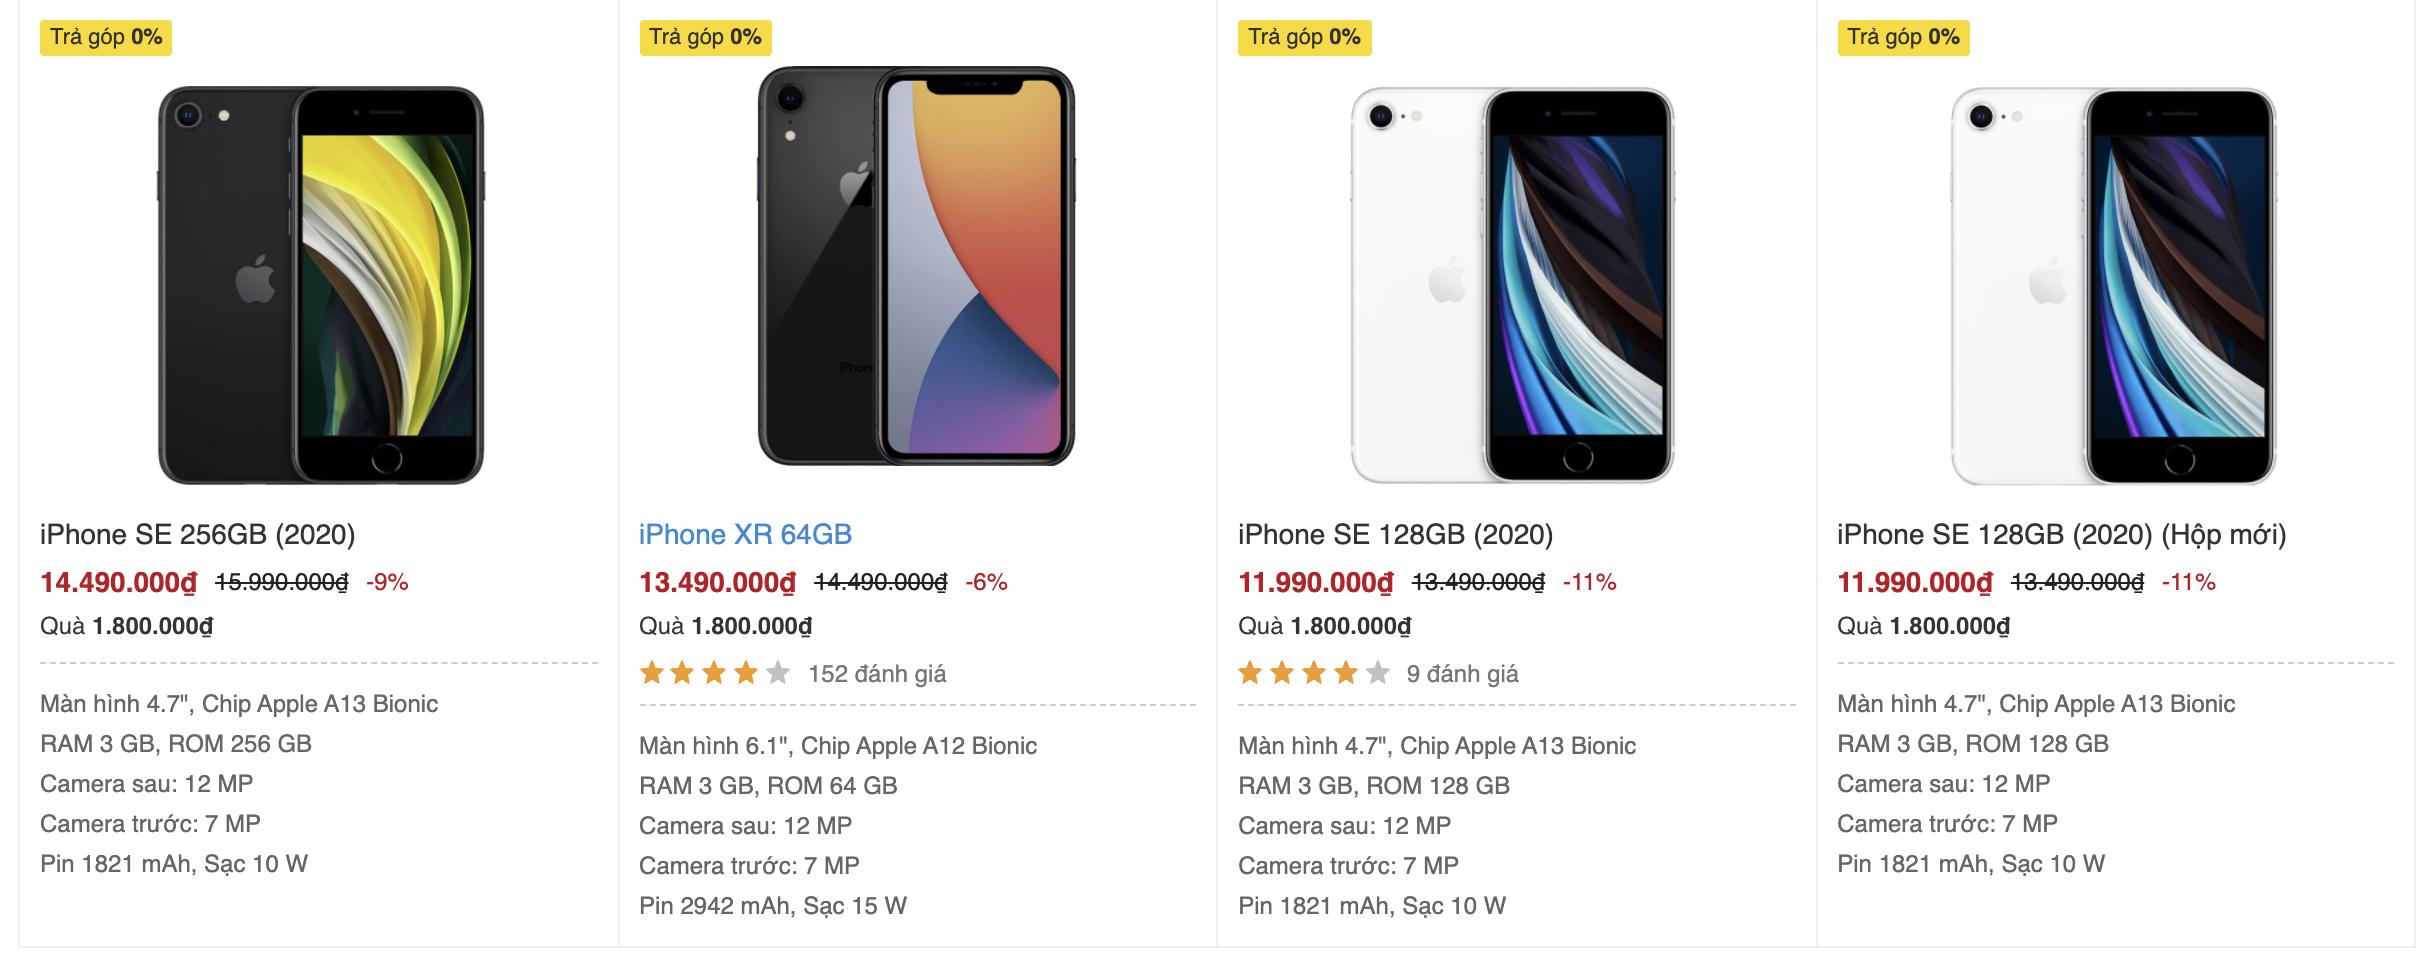 iPhone giá rẻ đã chết tại Việt Nam - Ảnh 1.